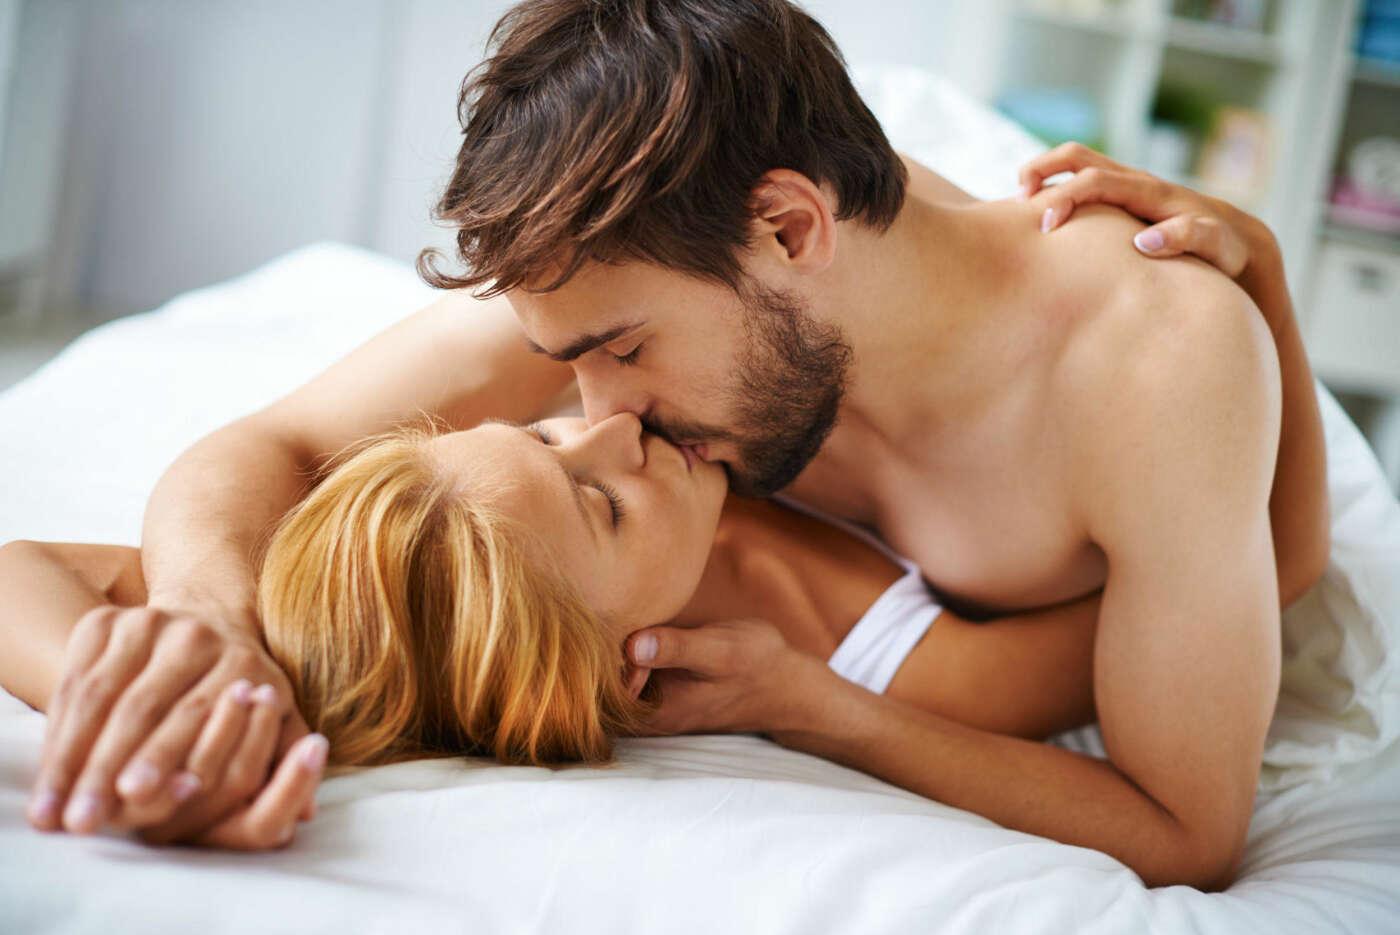 Урок правильно секса, Уроки секса: видео на Дойки. Смотреть порно уроки 18 фотография